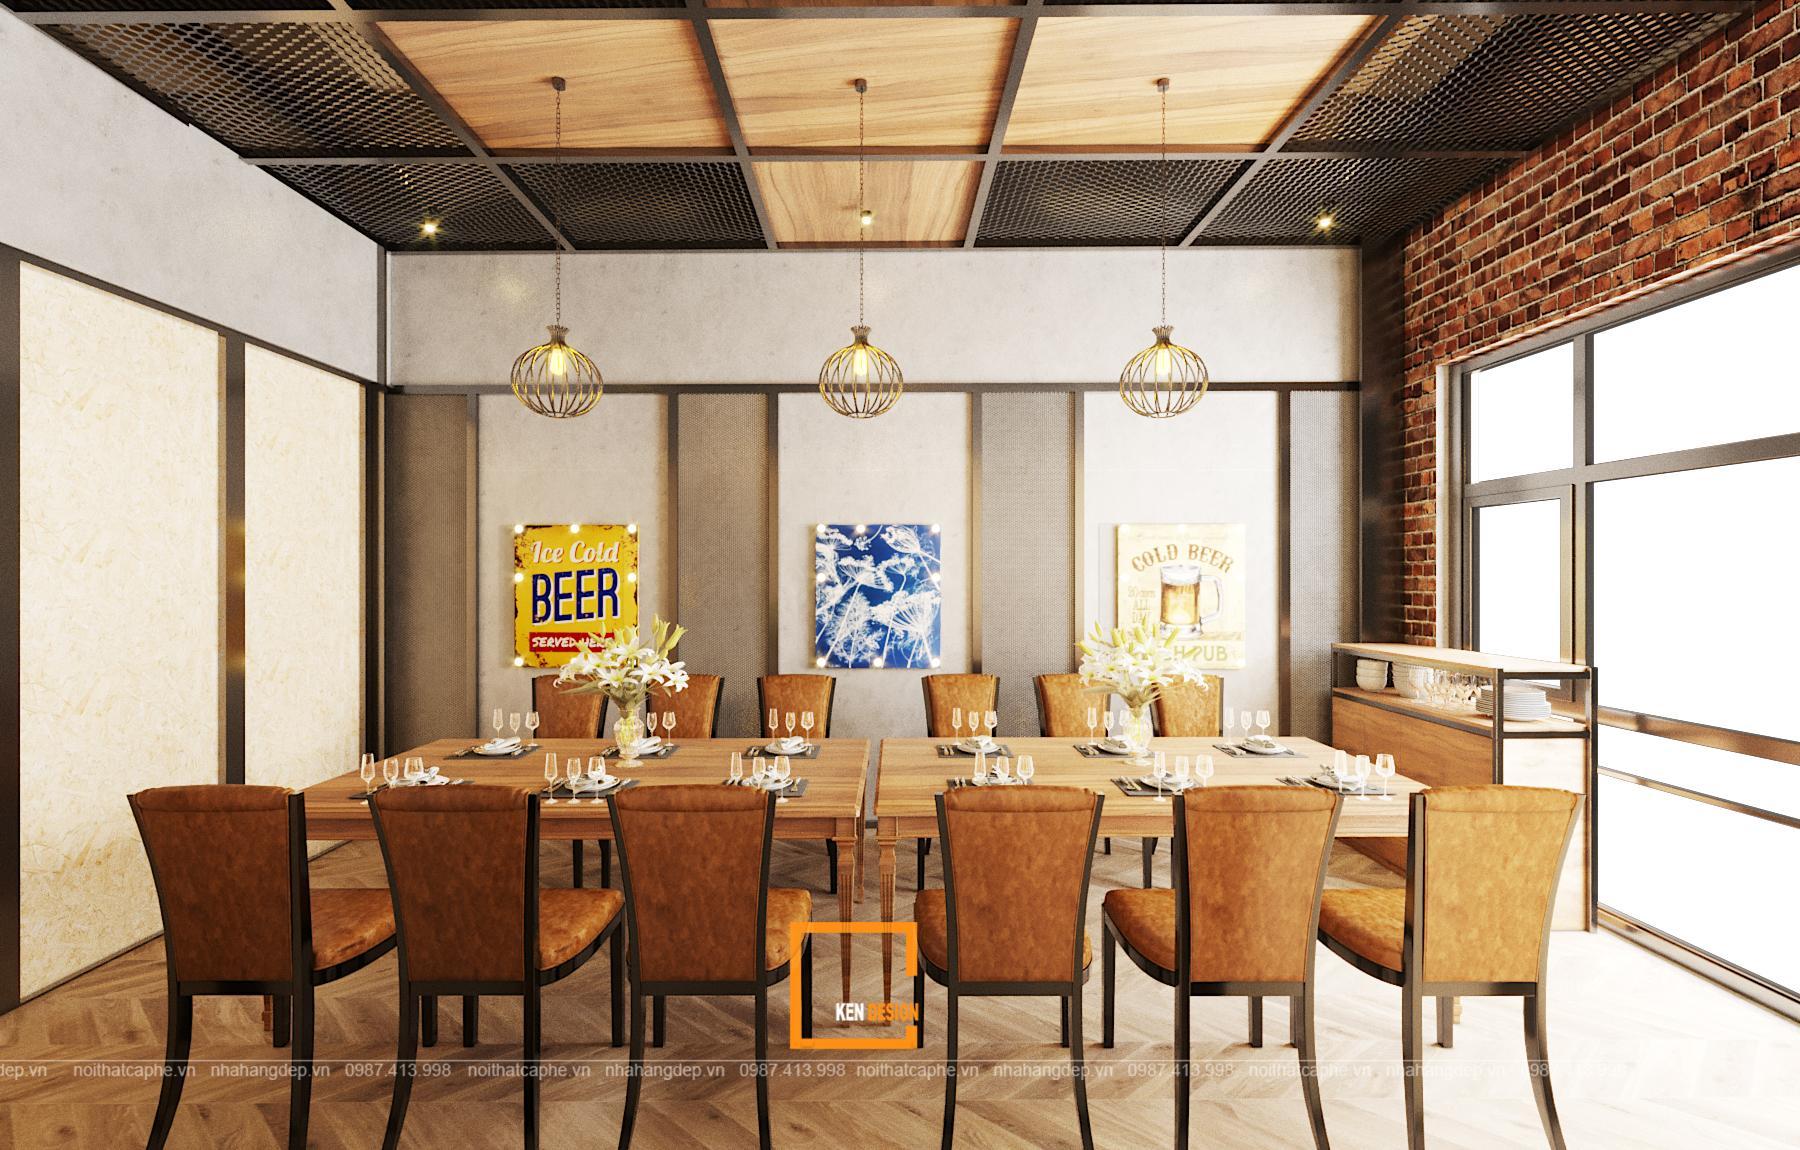 Tham khảo cách thiết kế nhà hàng đẹp cho việc kinh doanh hiệu quả